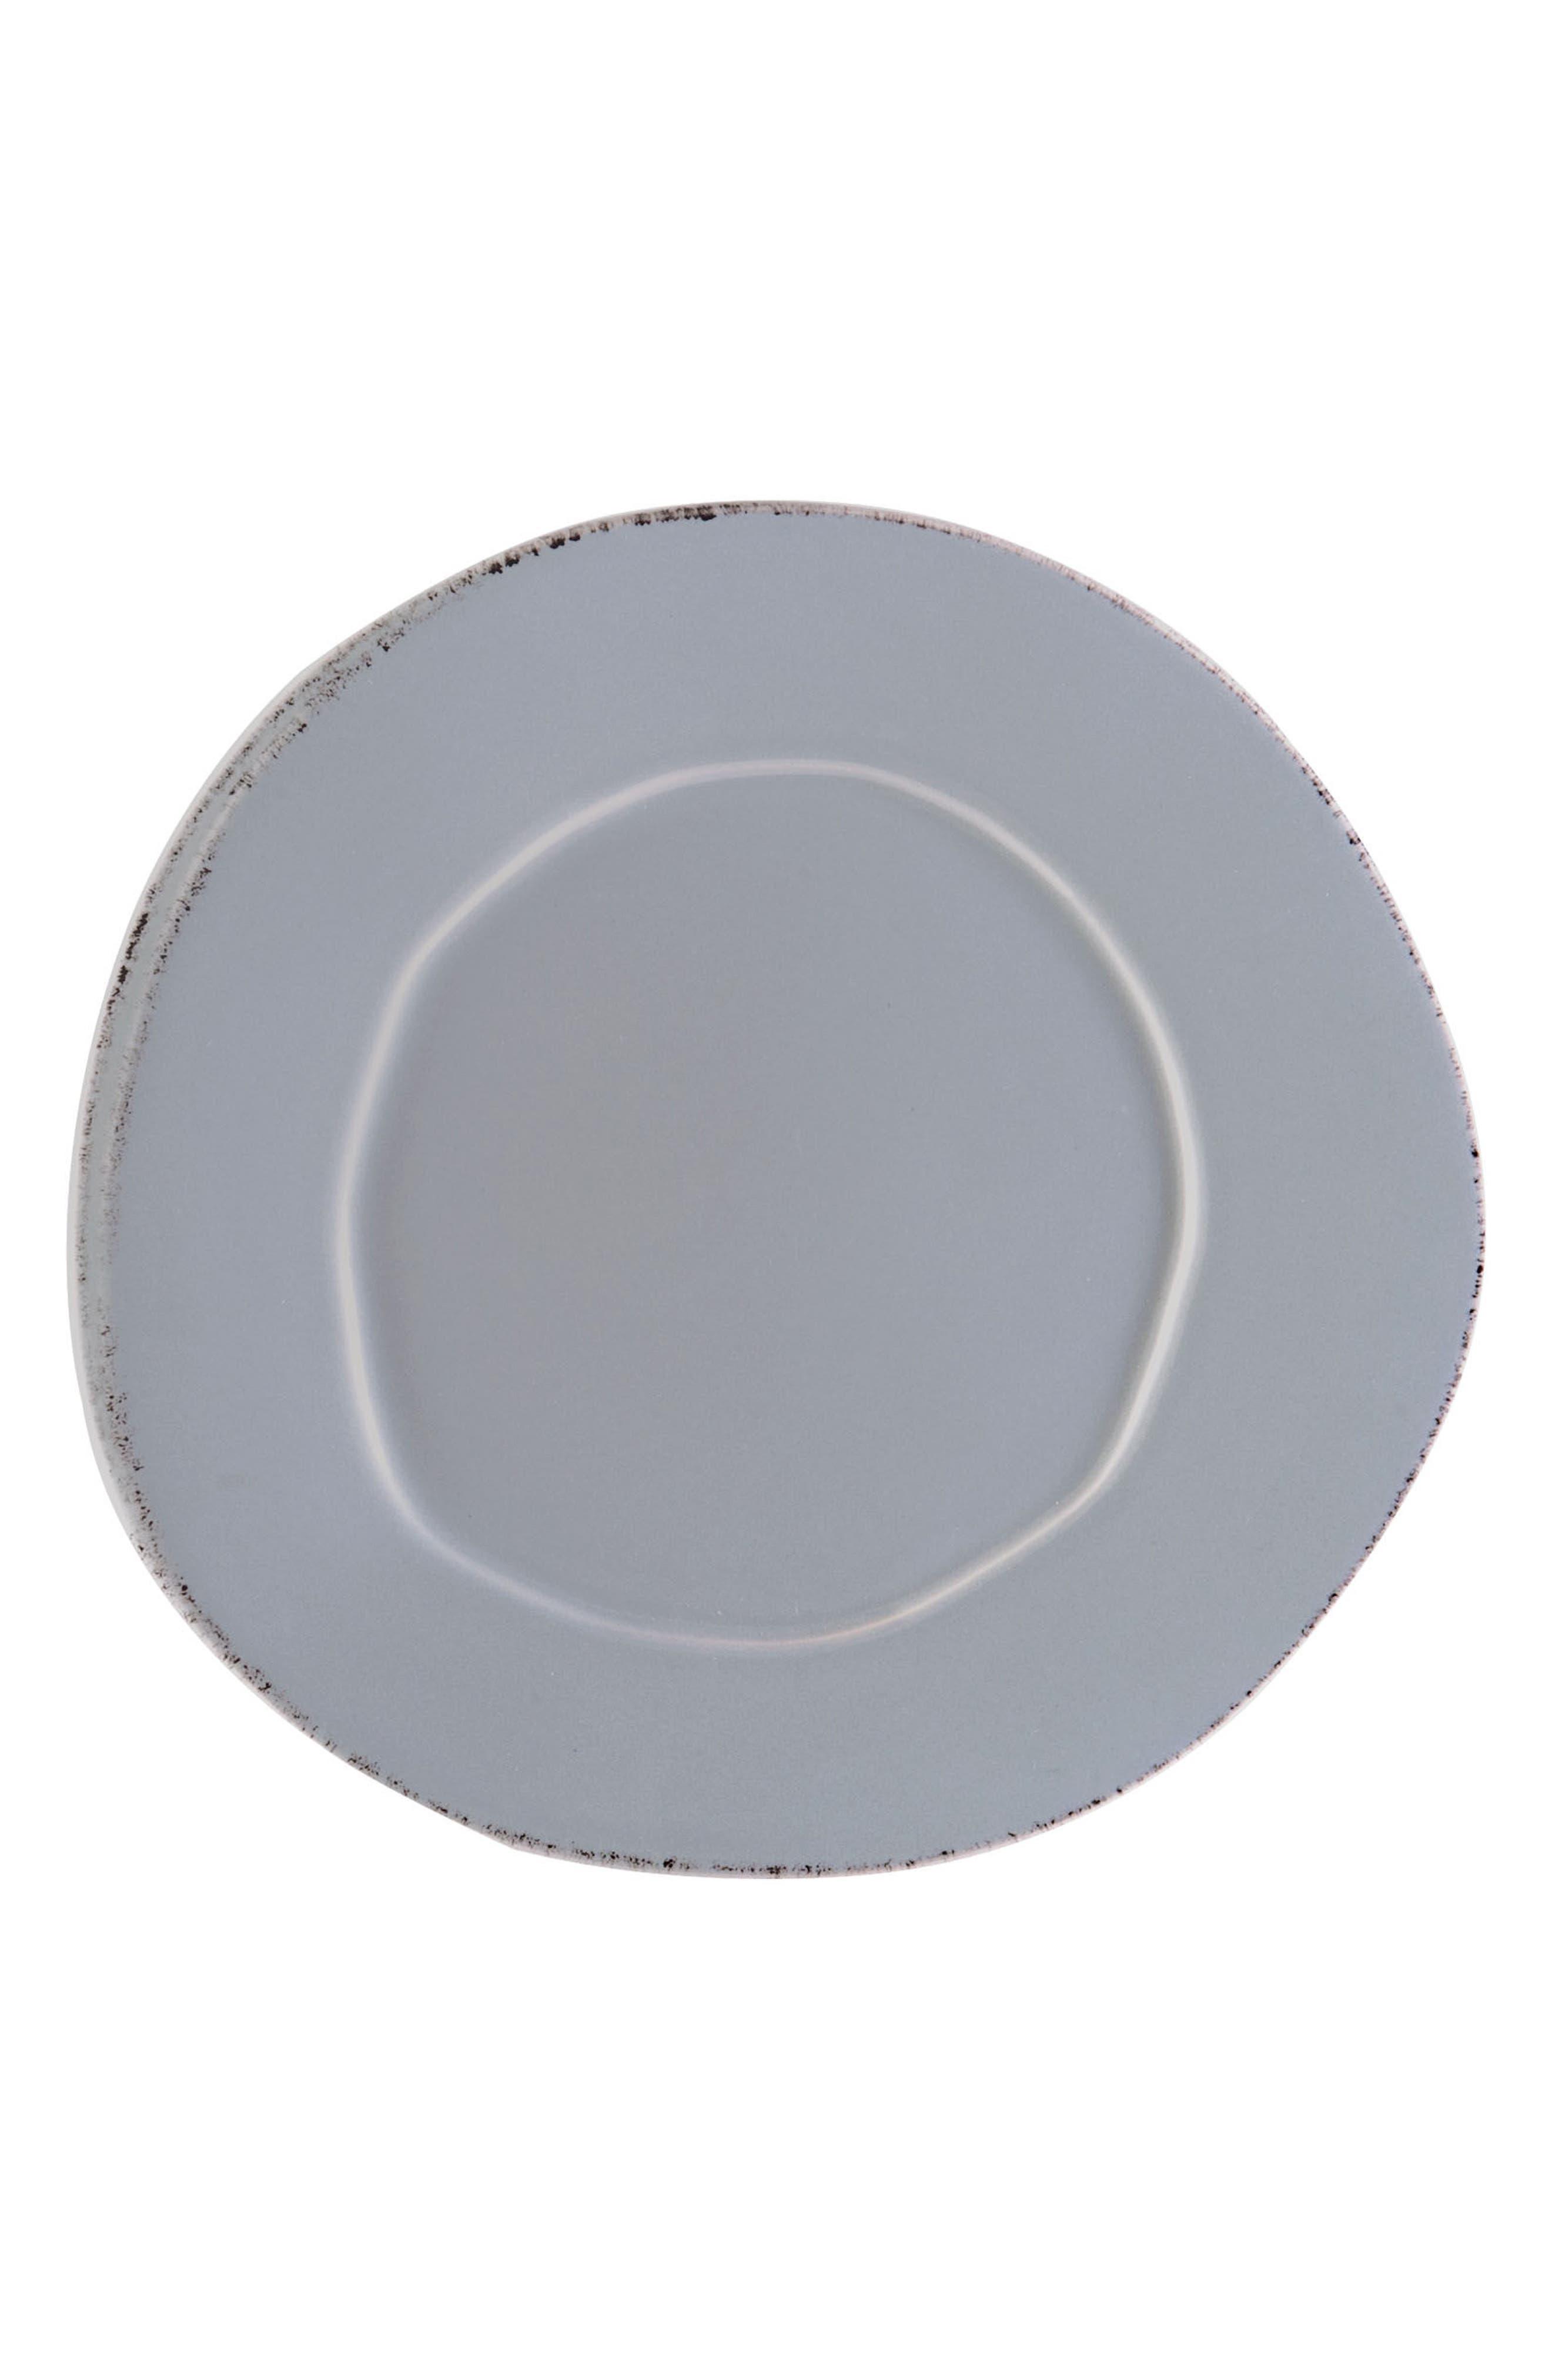 Lastra Stoneware Salad Plate,                             Main thumbnail 1, color,                             GRAY